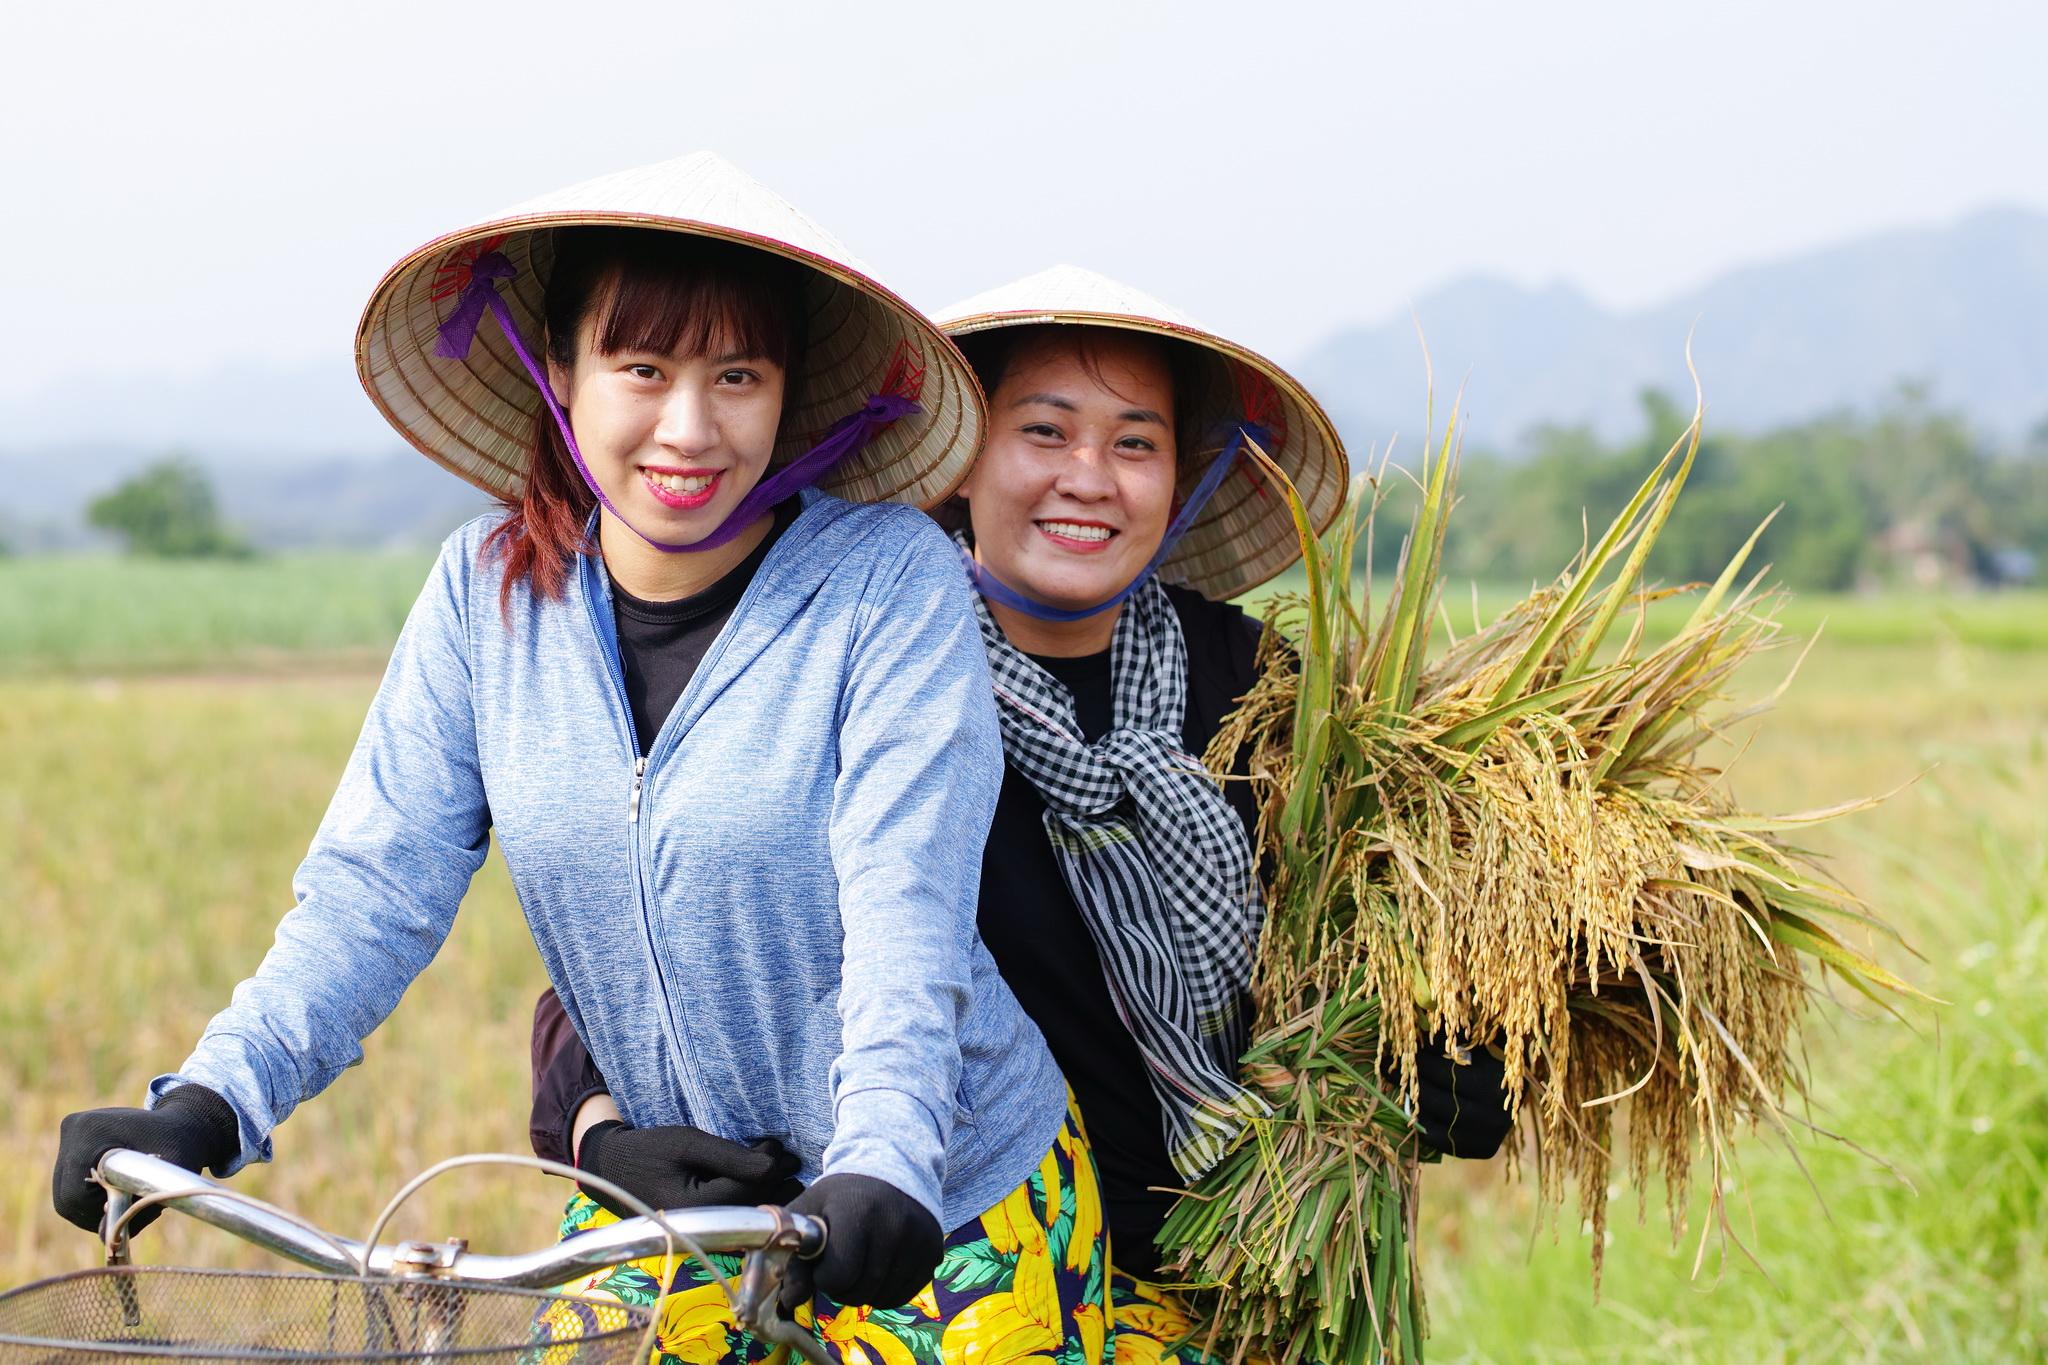 Theo đó, để chuẩn bị cho mùa gặt lần này, BTC cũng bố trí mua đủ dụng cụ: lưới, dây buộc, găng tay, ủng... để mọi người sử dụng và tham gia hoạt động an toàn.